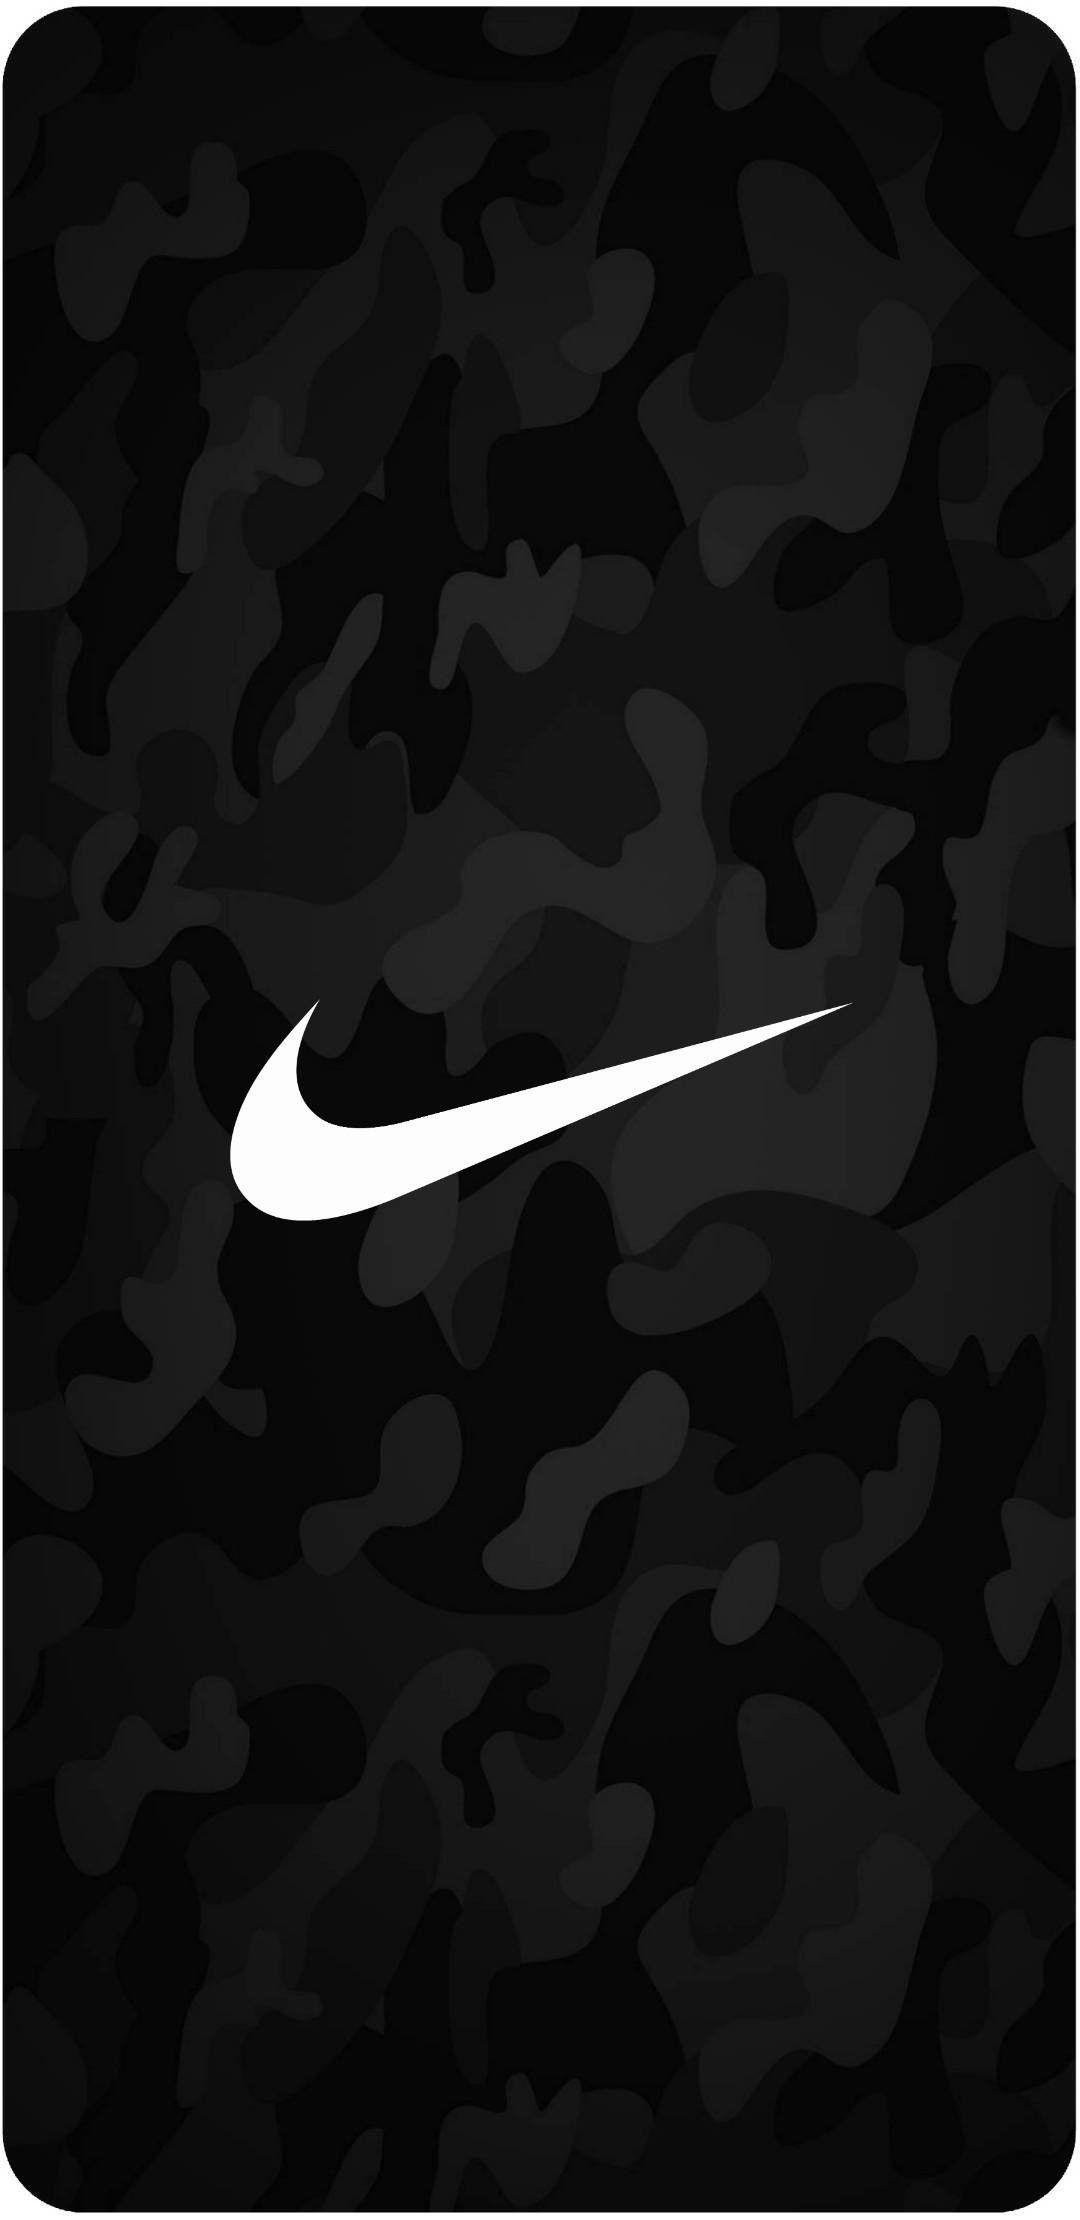 Pin De Dogwood Em Nike Adidas New Balance Papel De Parede Da Nike Papel De Parede Android Papel De Parede Supreme